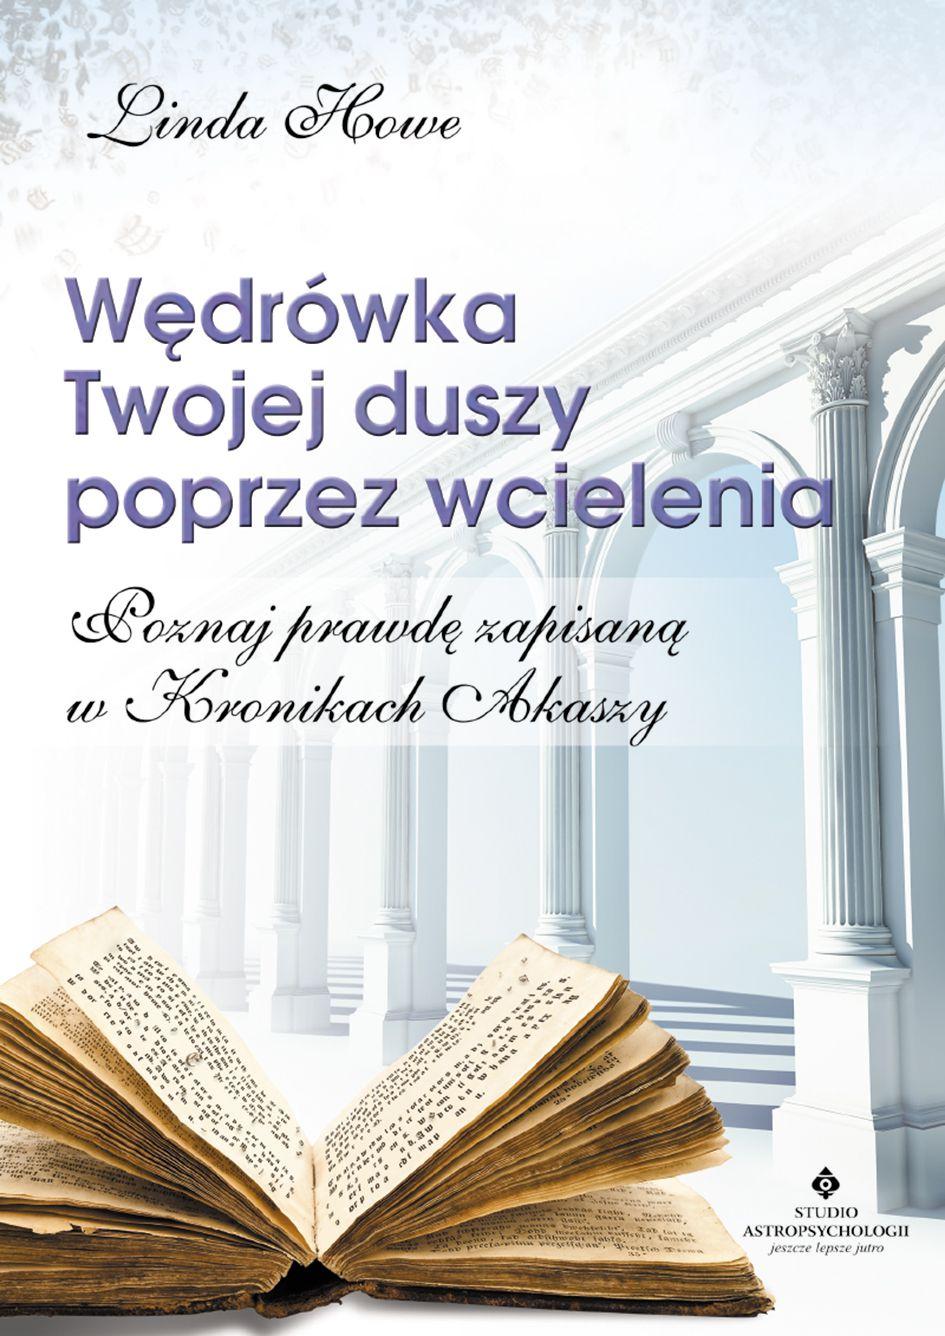 Wędrówka Twojej duszy poprzez wcielenia. Poznaj prawdę zapisaną w Kronikach Akaszy - Ebook (Książka EPUB) do pobrania w formacie EPUB